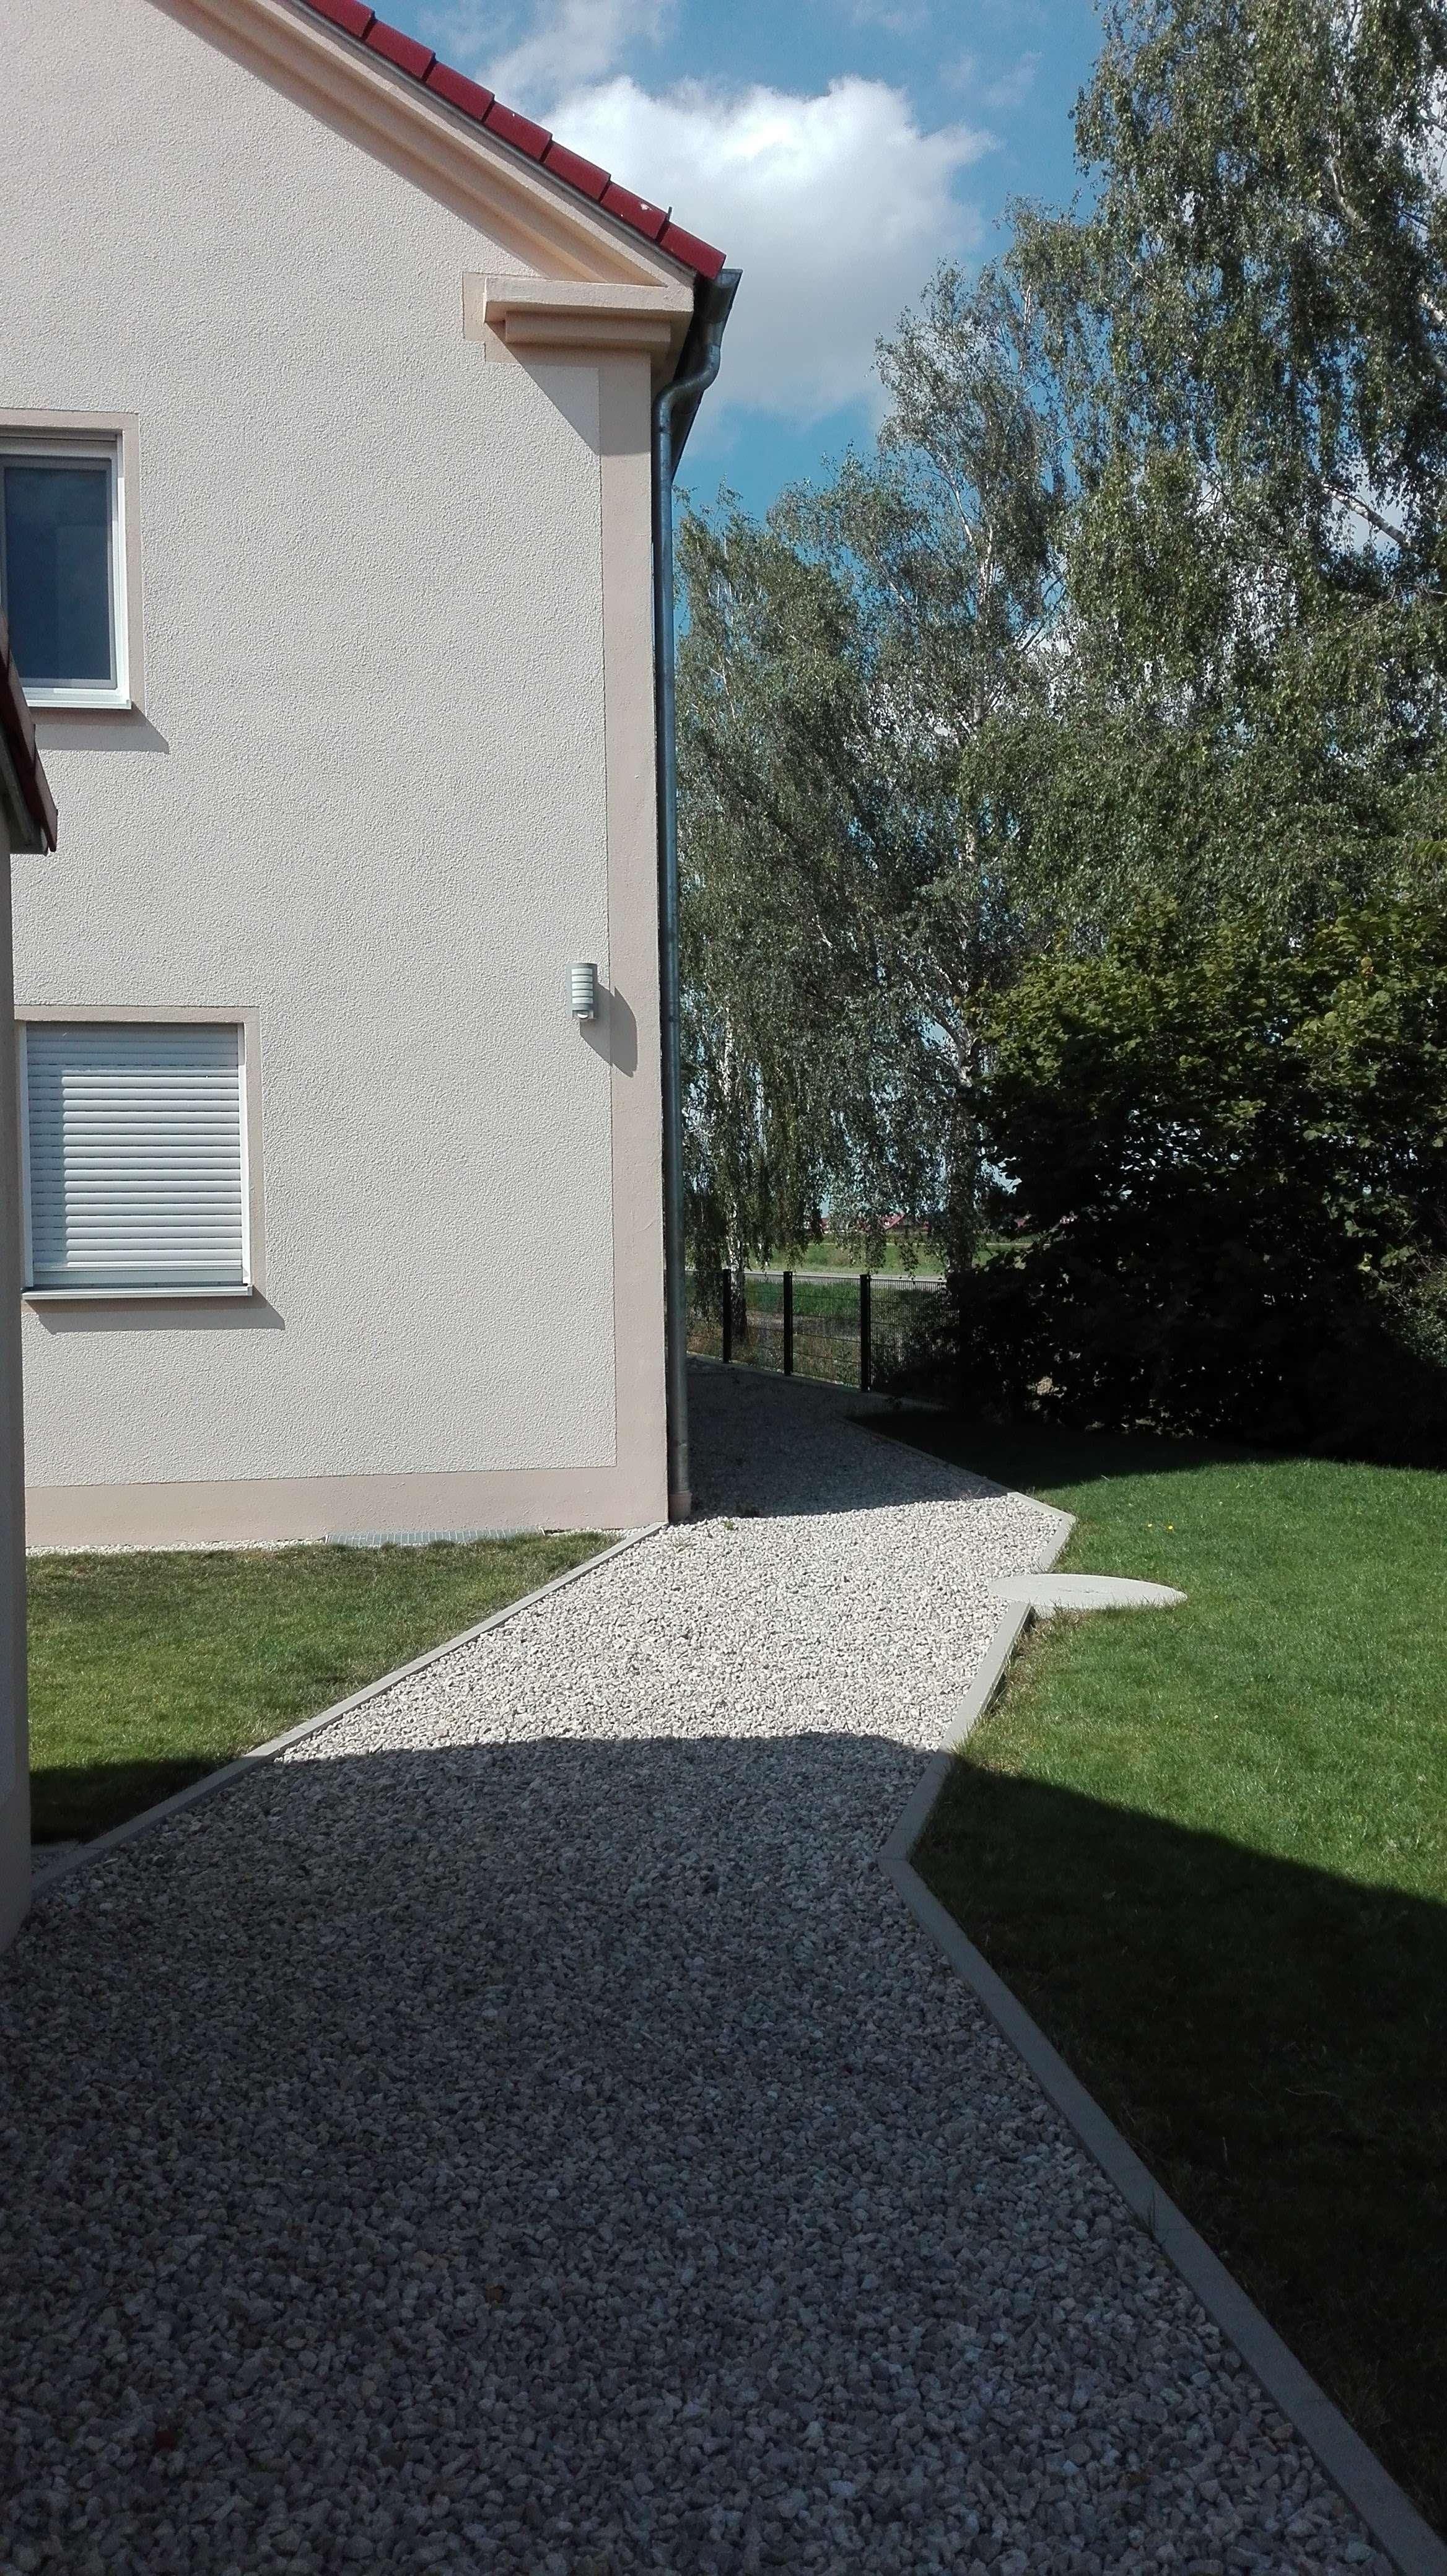 Neuwertige 3,5-Zi. DG-Wohnung m. EBK u. großer Dachterrasse in Untermaxfeld in